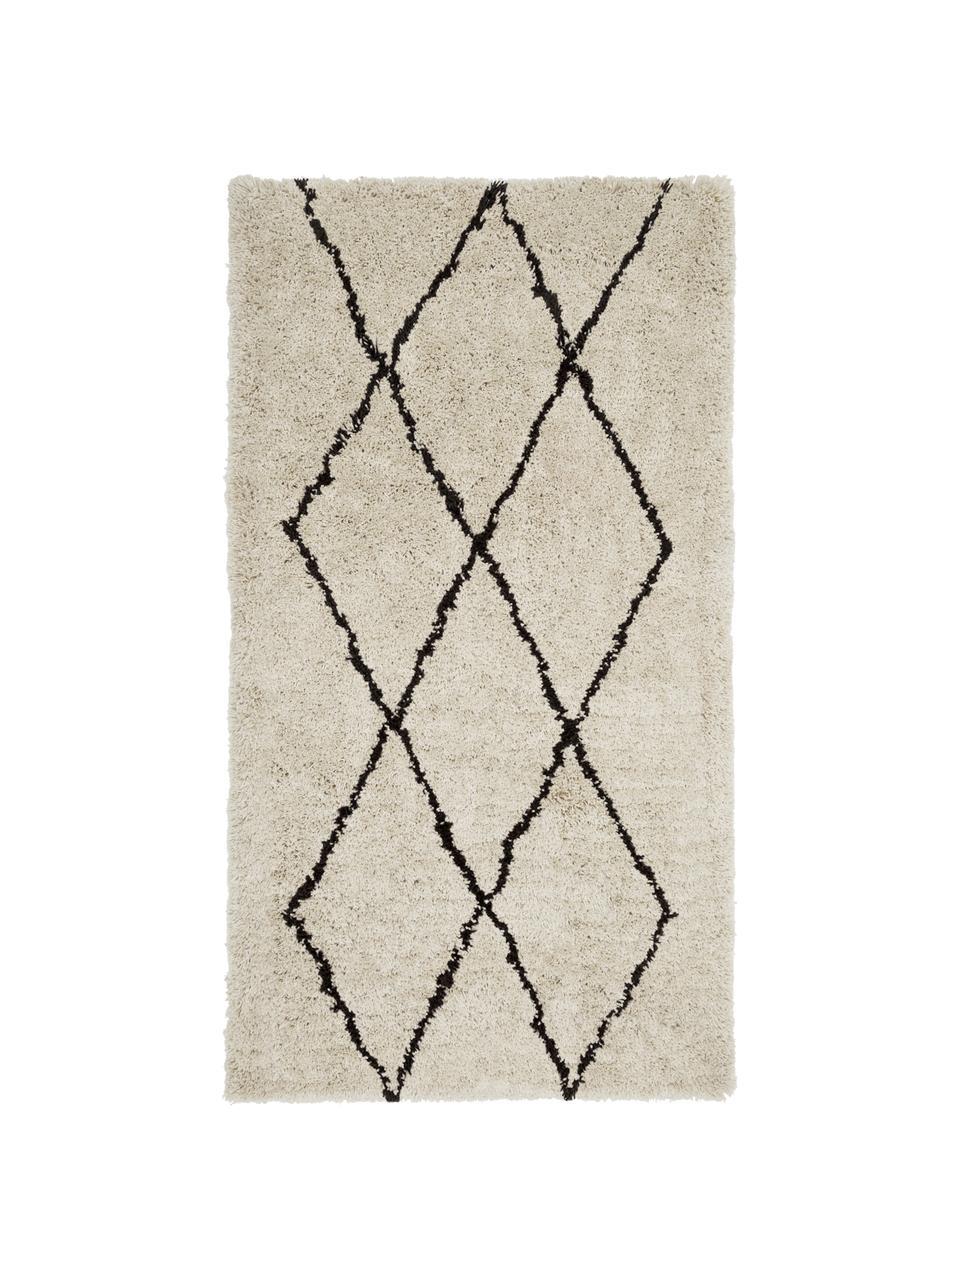 Tappeto morbido a pelo lungo taftato a mano Nouria, Retro: 100% cotone, Beige, nero, Larg. 200 x Lung. 300 cm (taglia L)